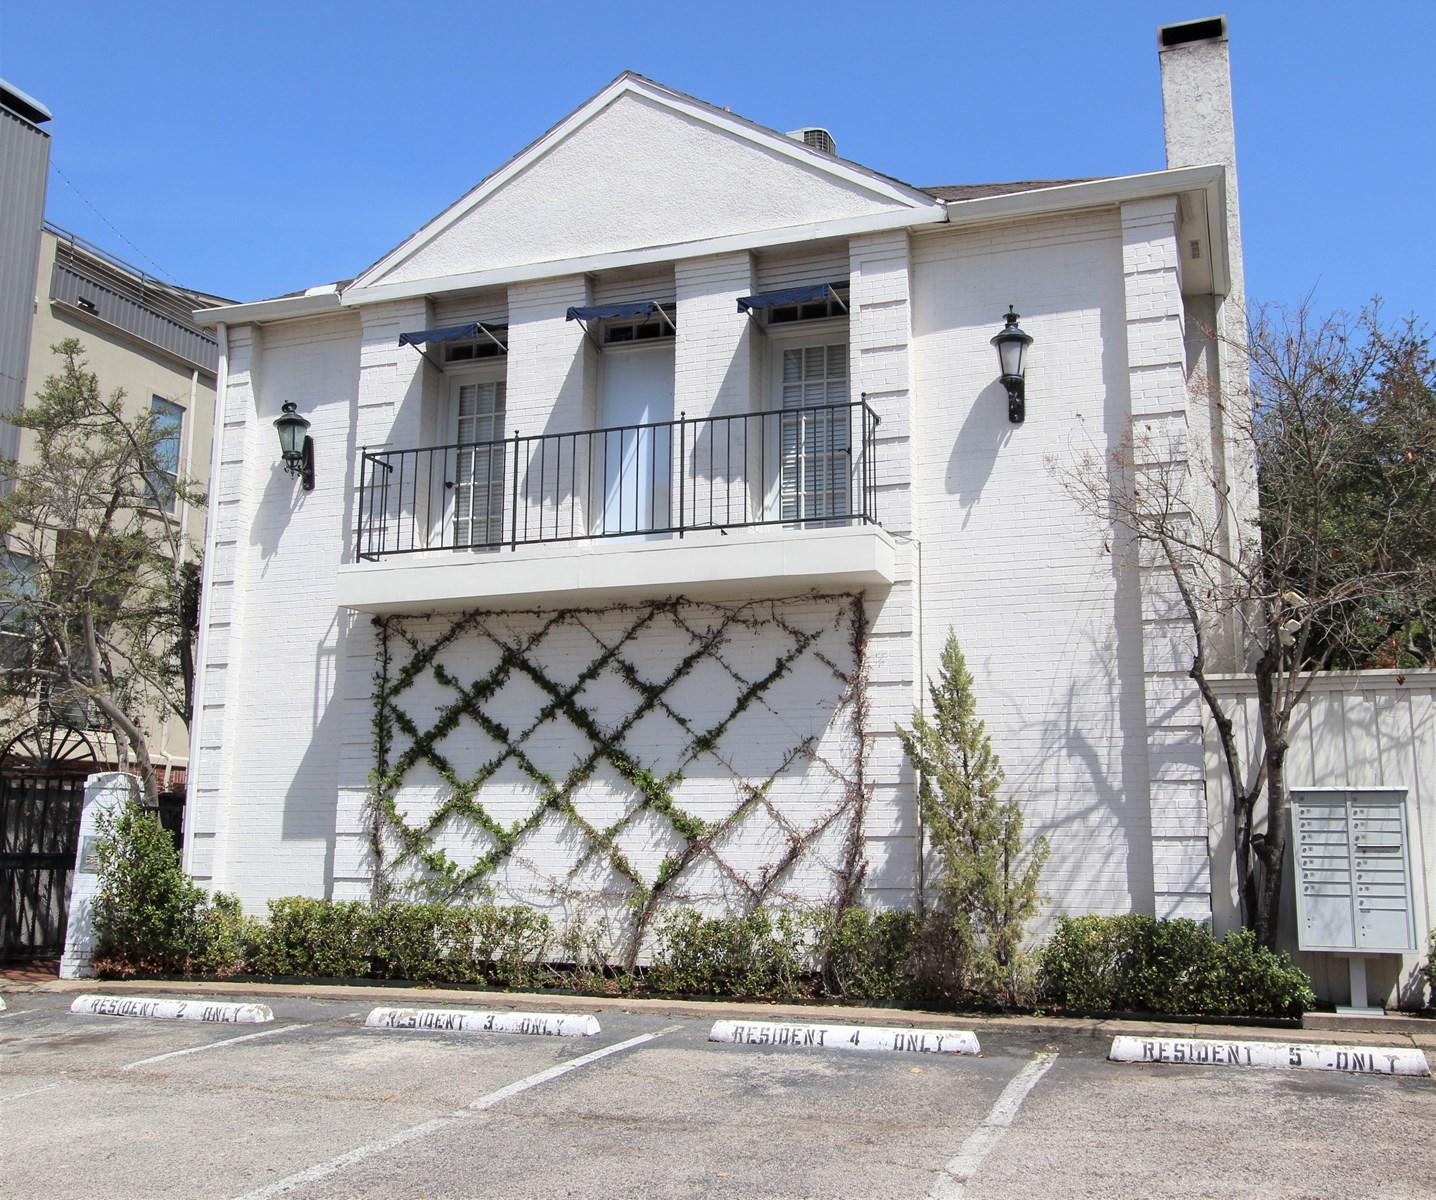 One Unit Condominium For Auction In Dallas Texas